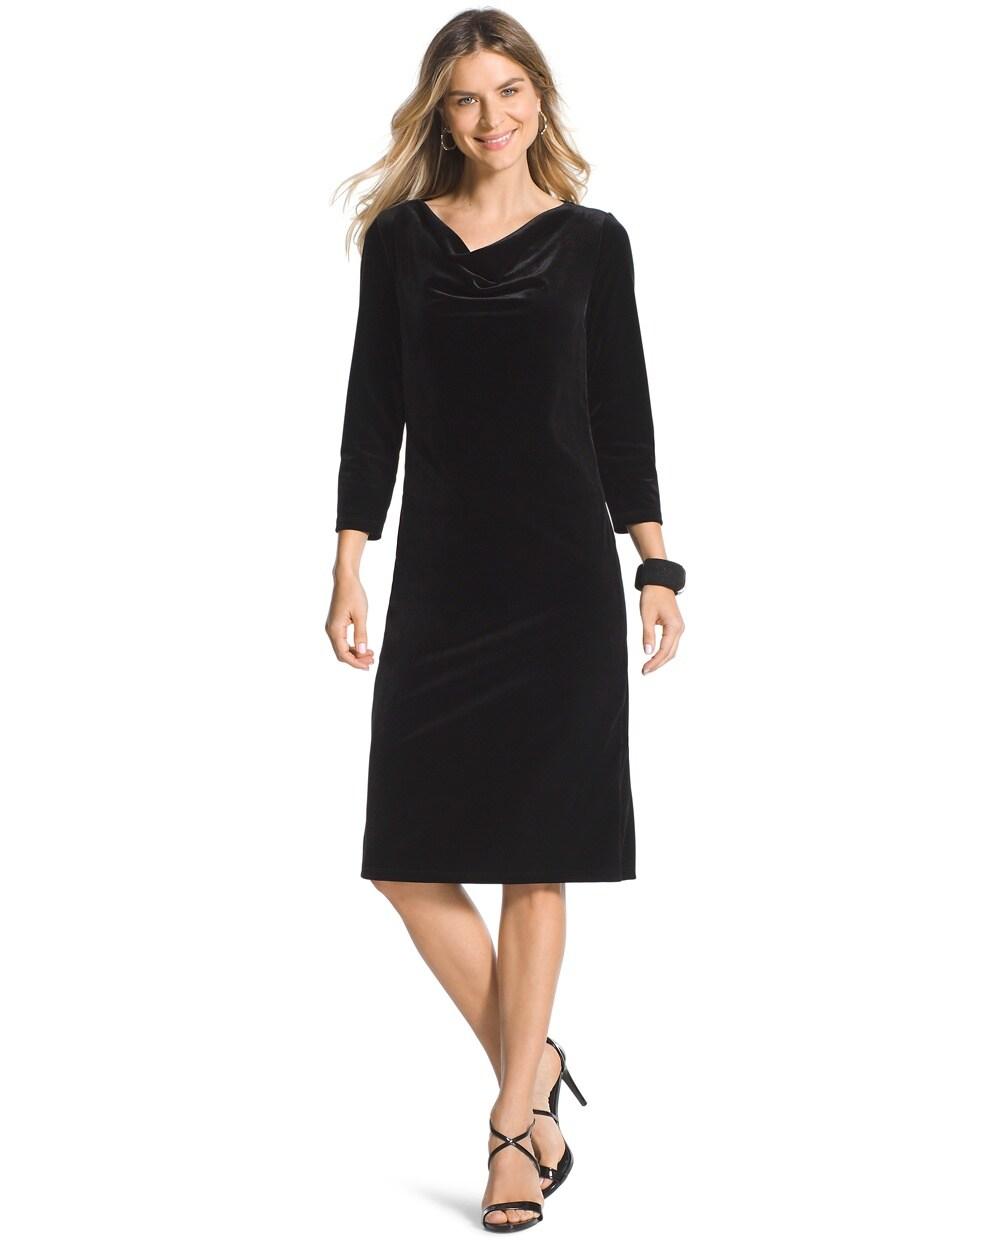 Black dress velvet - Travelers Collection Velvet Black Dress